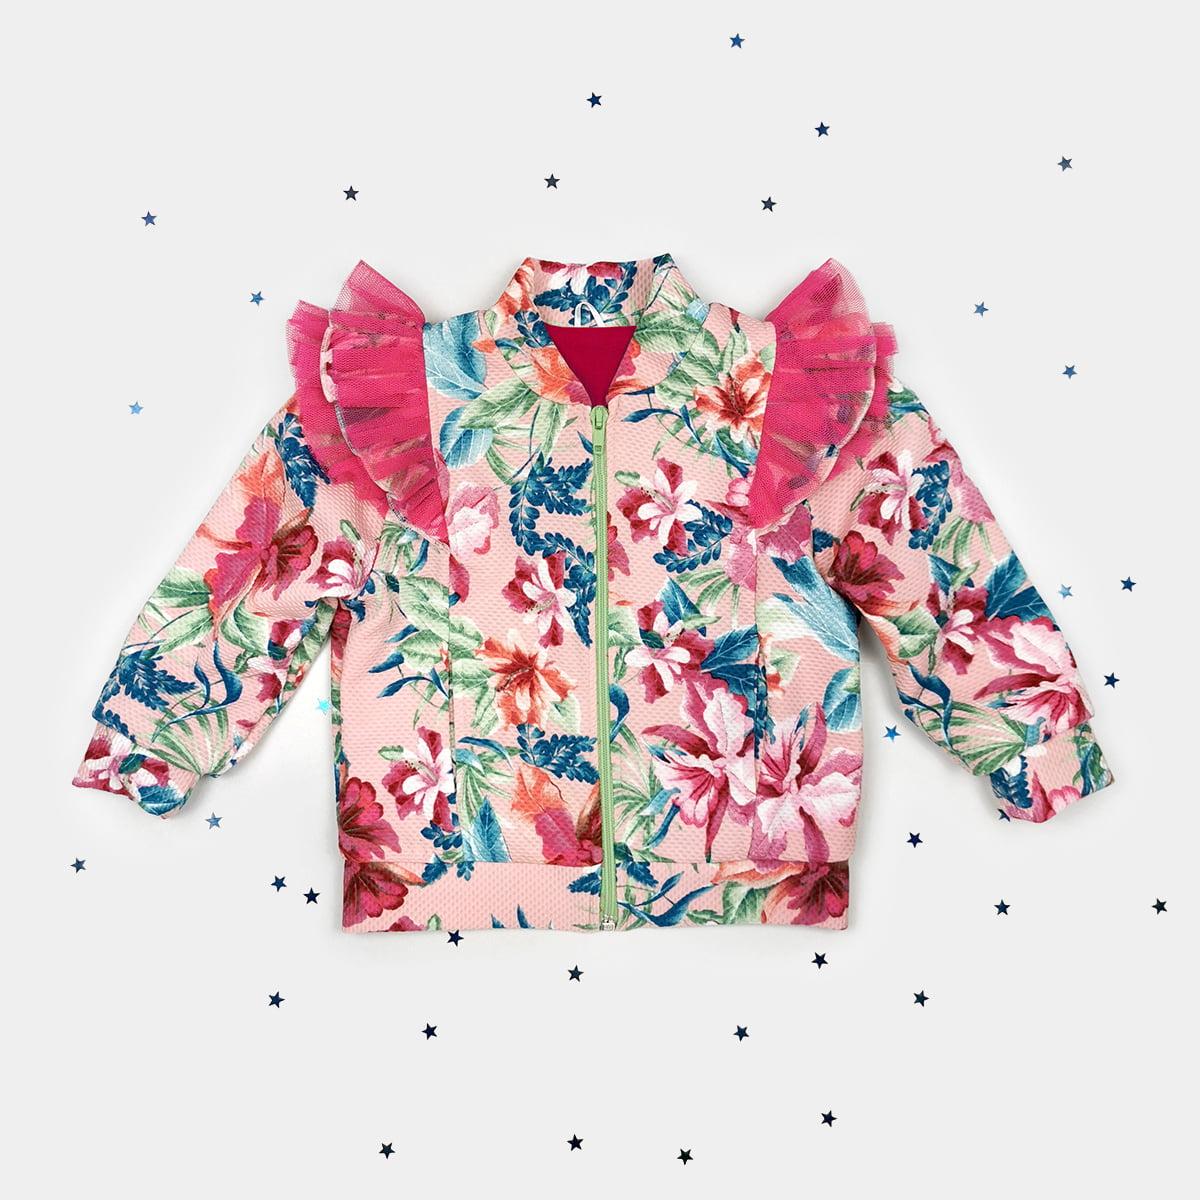 šare jaknica šareni cvjetni uzorak